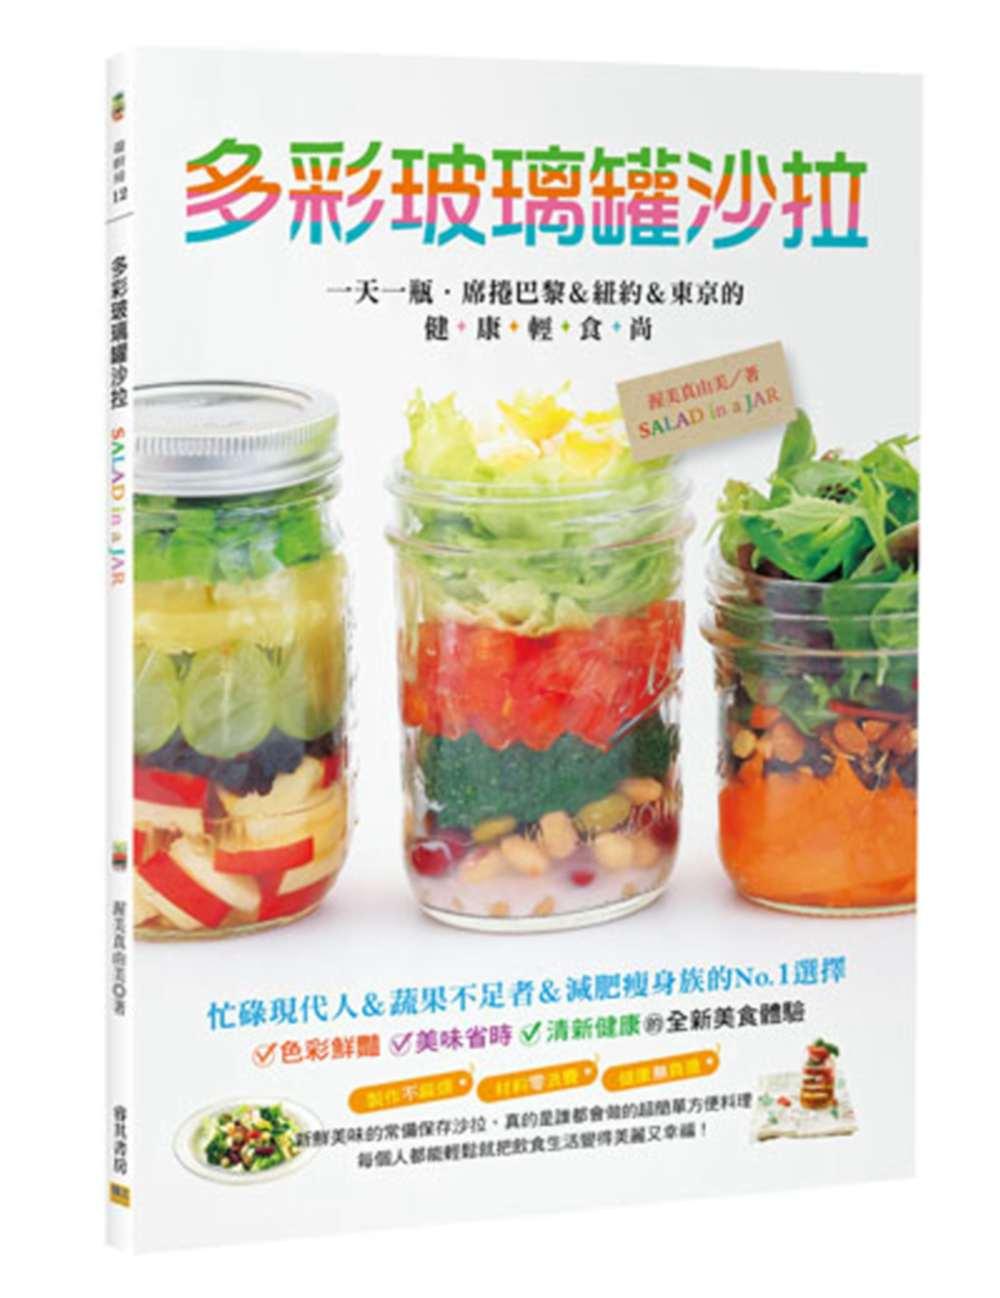 多彩玻璃罐沙拉:一天一瓶‧席捲巴黎&紐約&東京的健康輕食尚